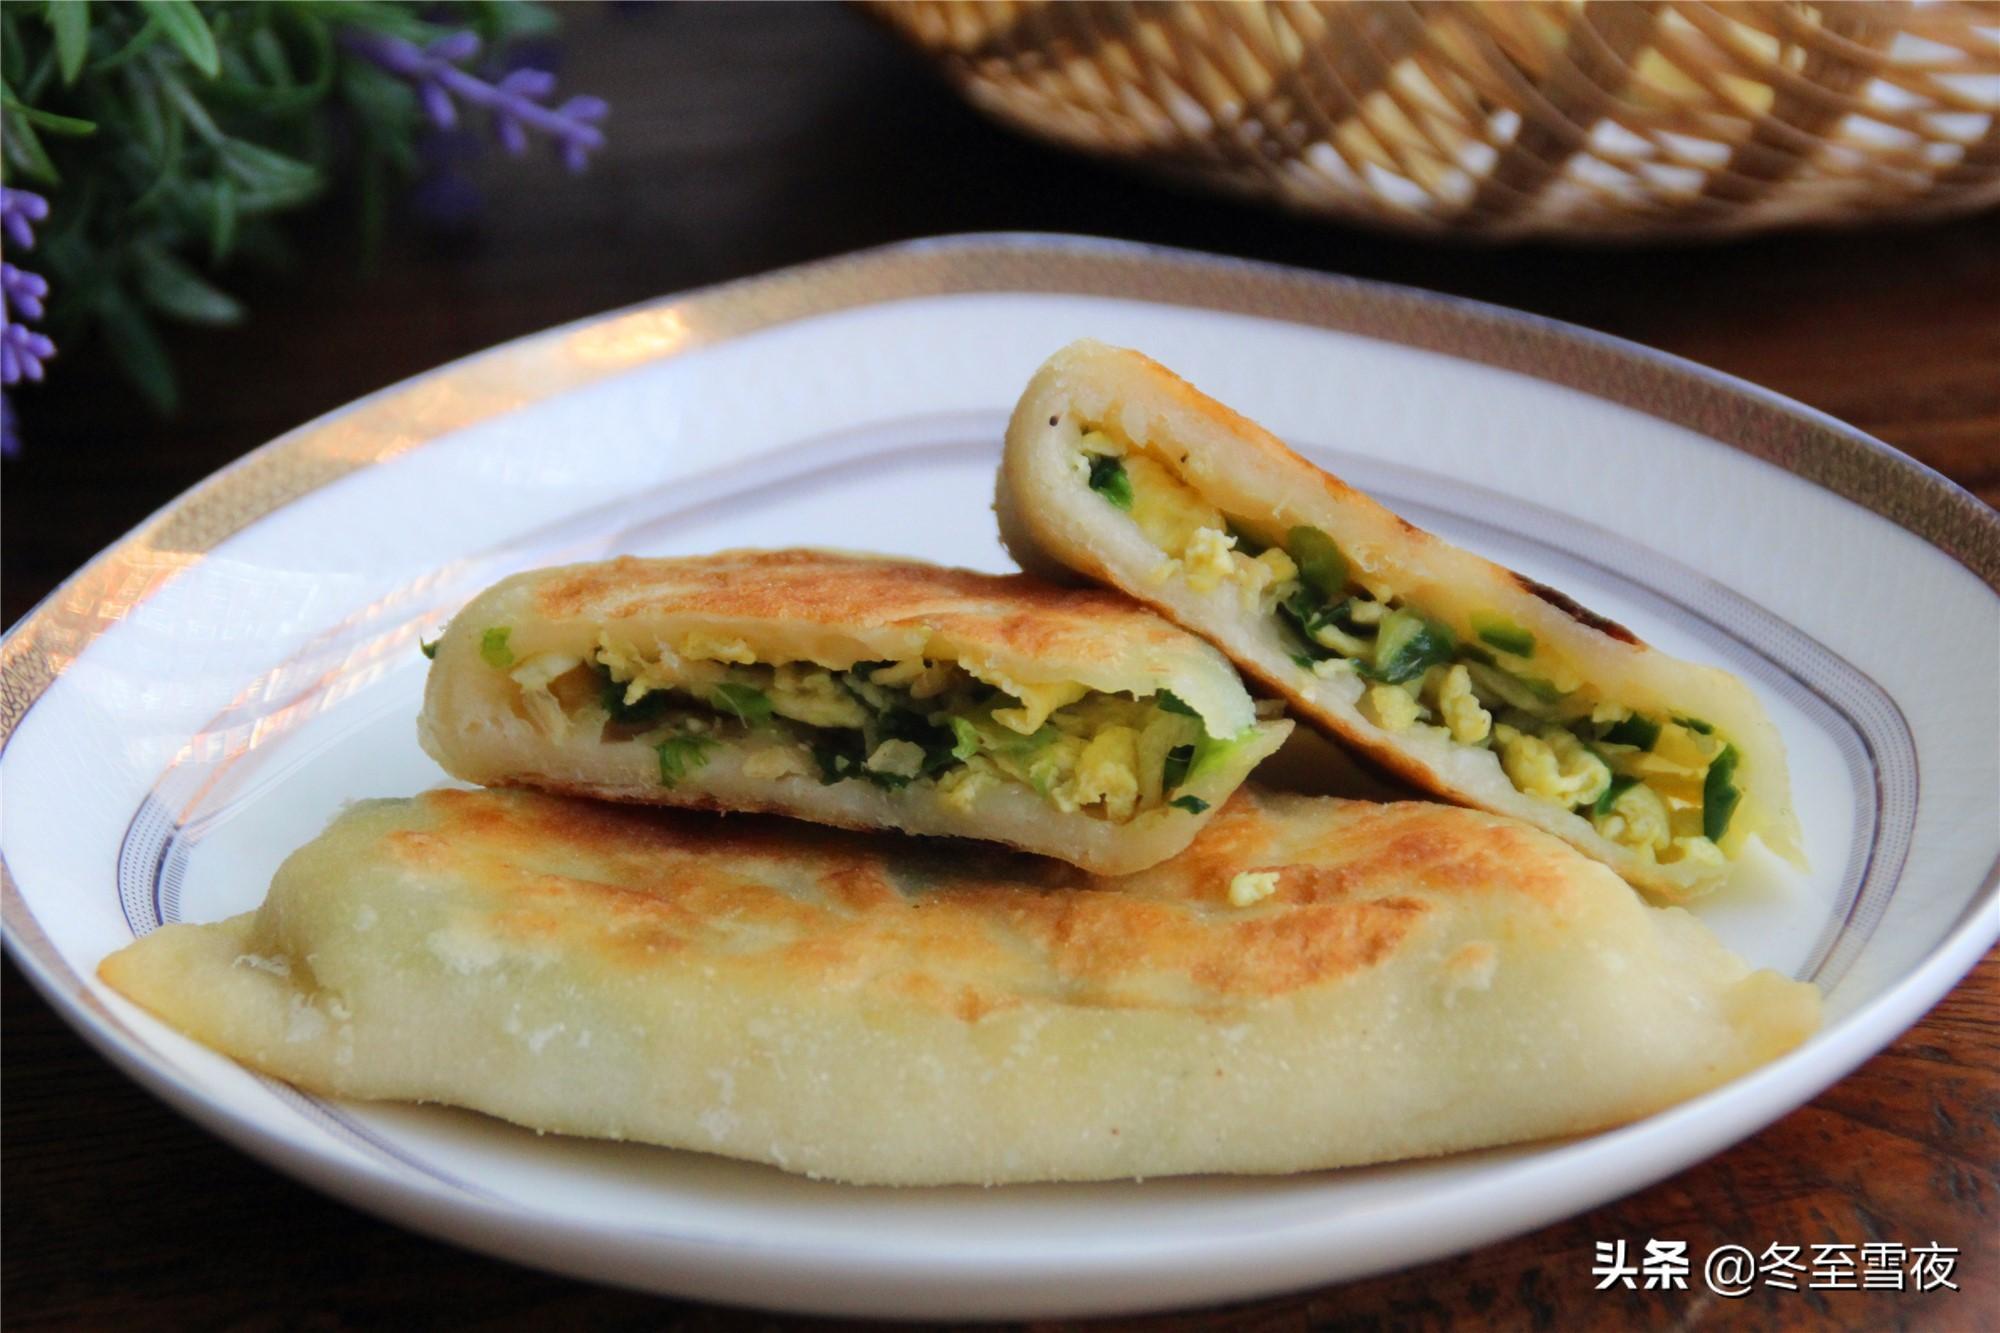 12道韭菜的做法,鲜香味美,鲜味十足 美食做法 第12张